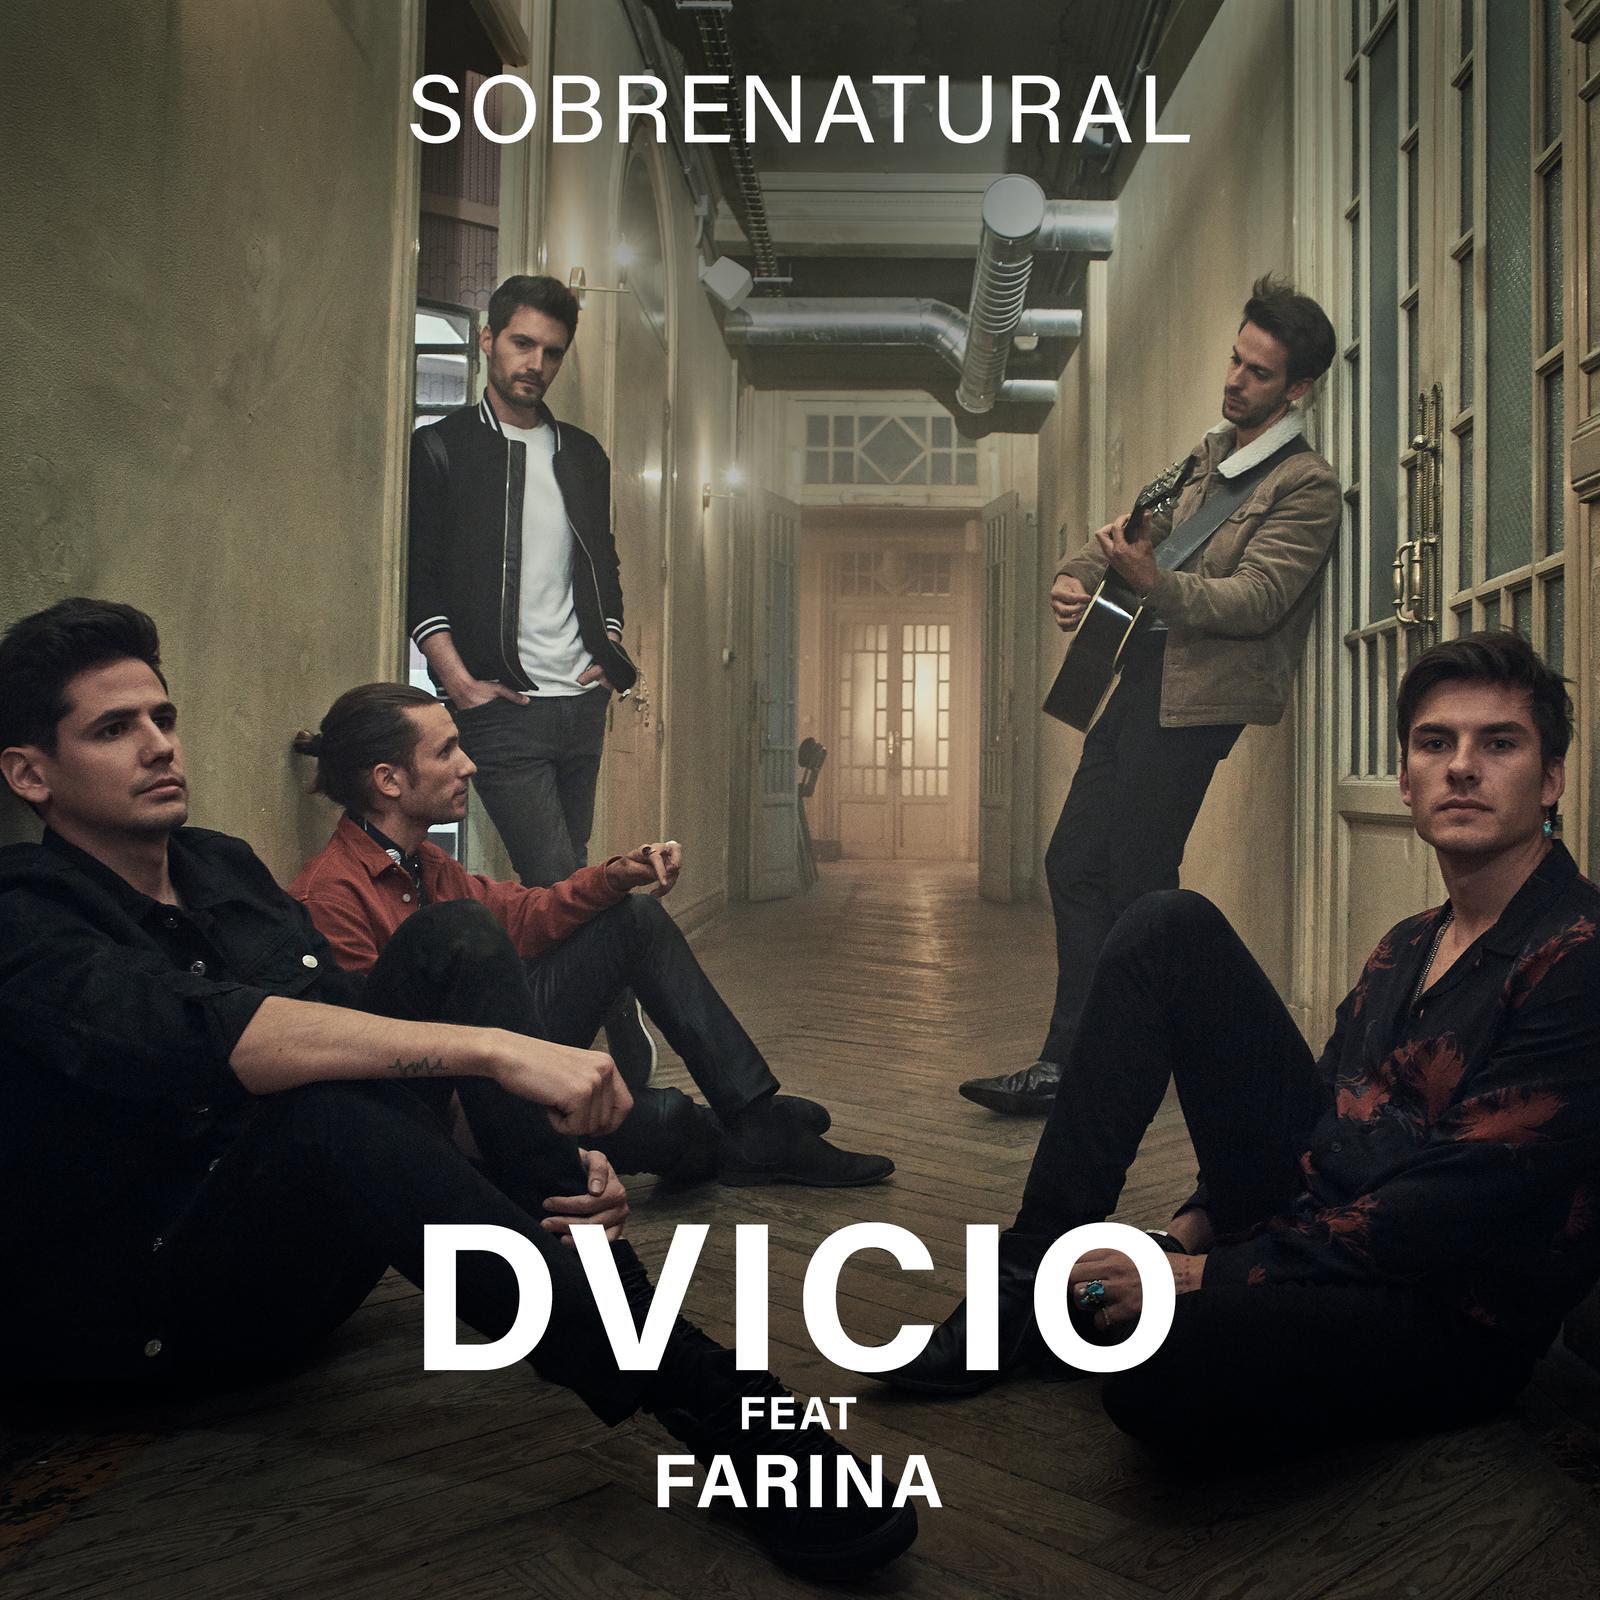 """""""Sobrenatural"""" DVICIO ft. Farina, nuevo adelanto en preventa"""